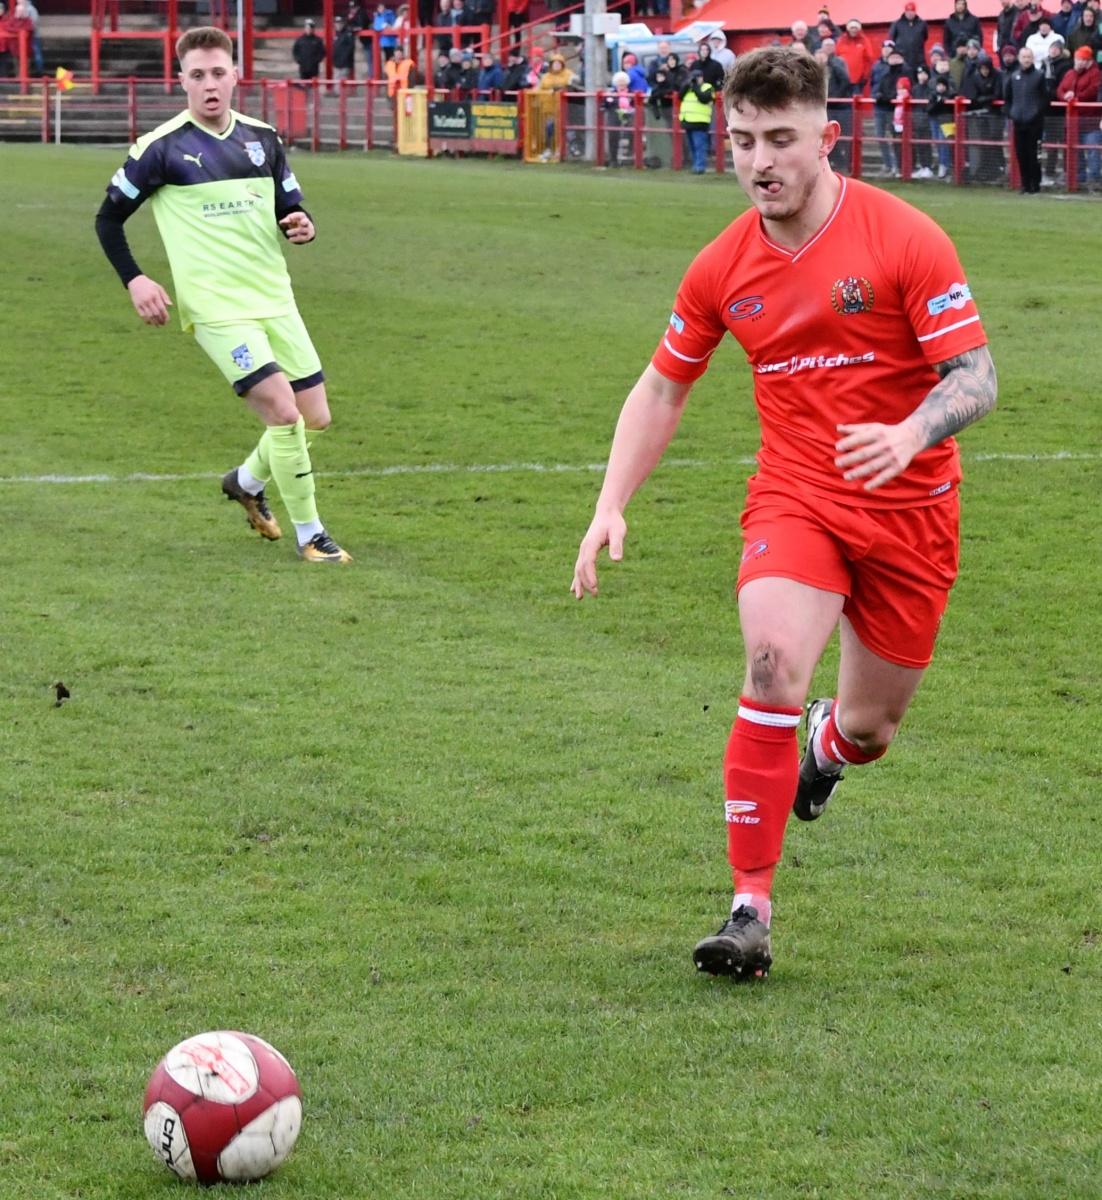 Workington-Reds-v-Ossett-Utd-Ben-Challis-16